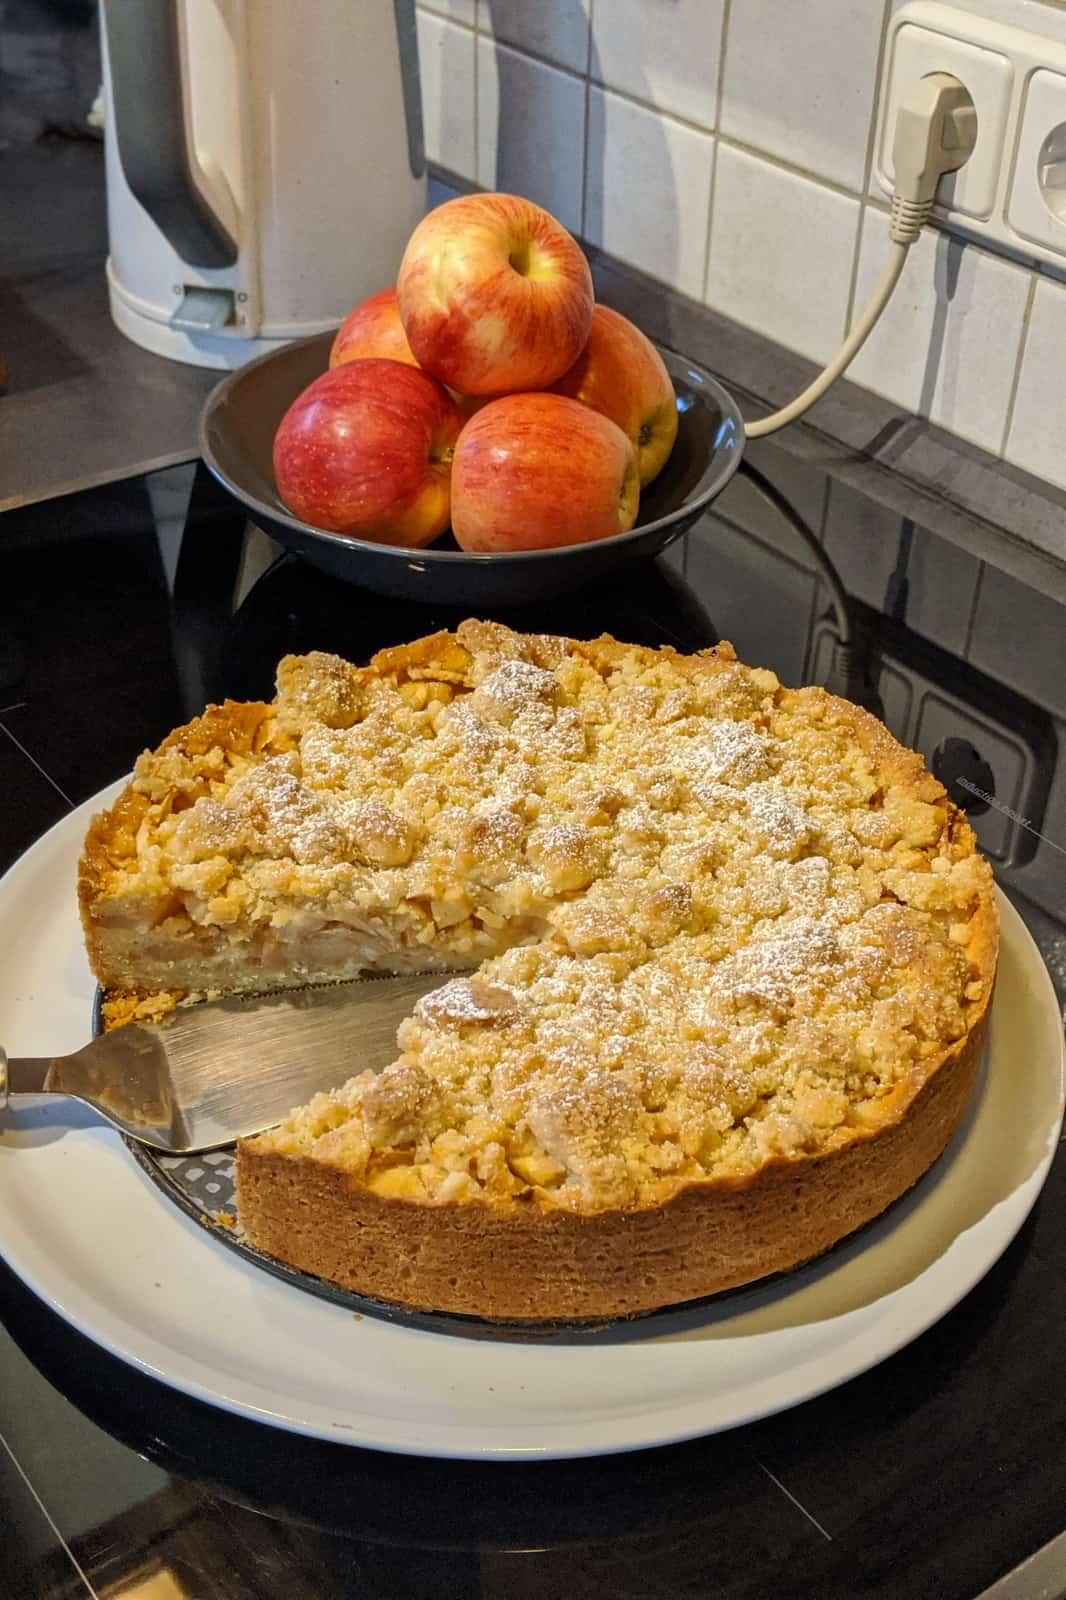 Ein Apfelkuchen mit Streusel auf einer Servierplatte. Im Hintergrund eine Schale mit Äpfeln.